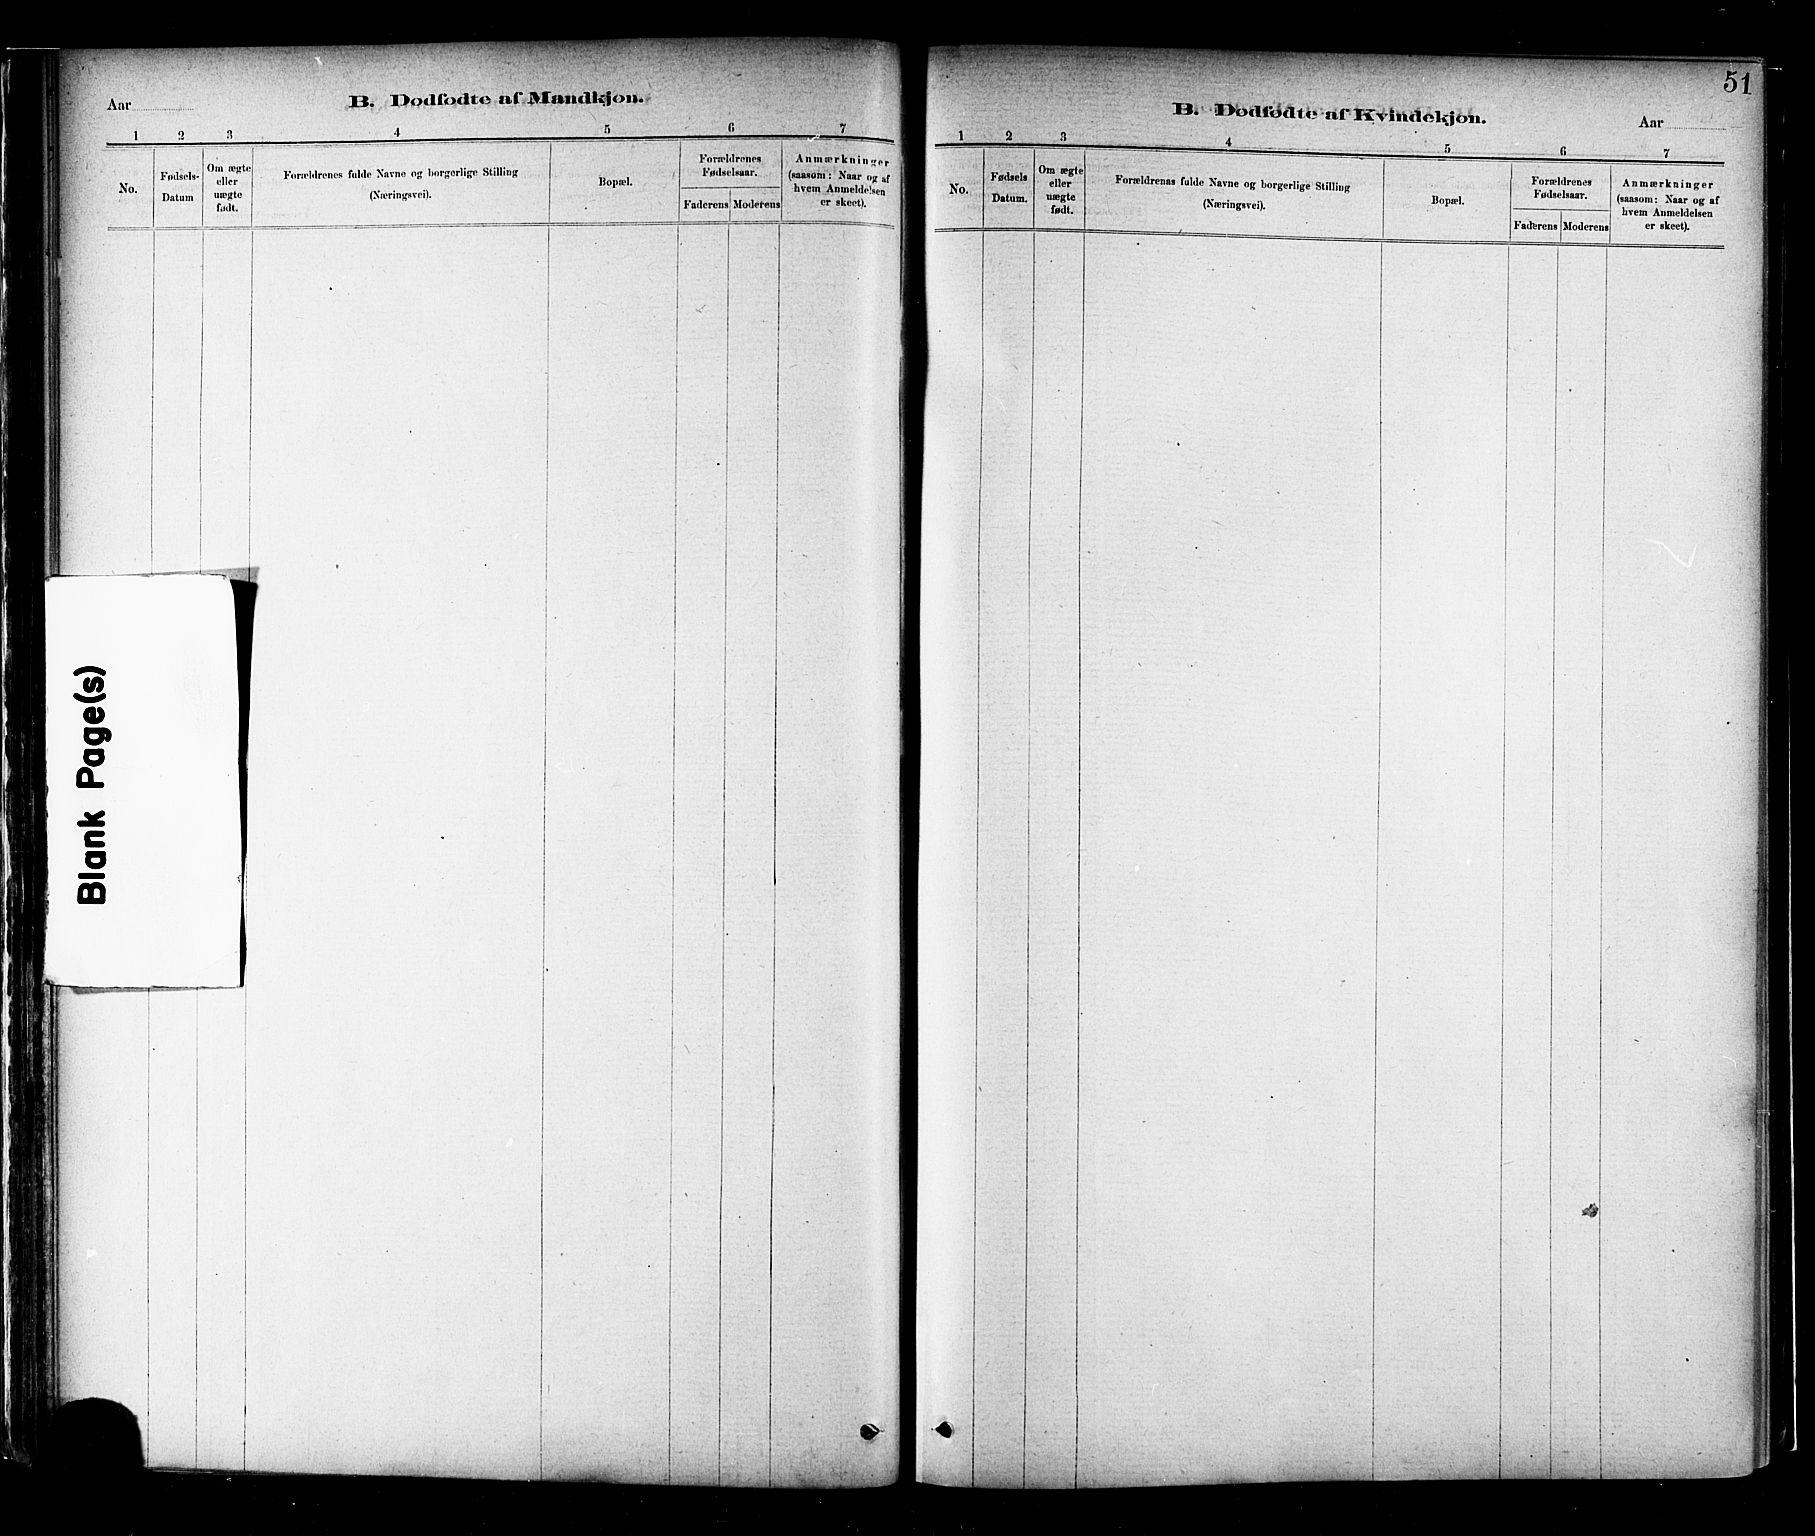 SAT, Ministerialprotokoller, klokkerbøker og fødselsregistre - Nord-Trøndelag, 706/L0047: Ministerialbok nr. 706A03, 1878-1892, s. 51